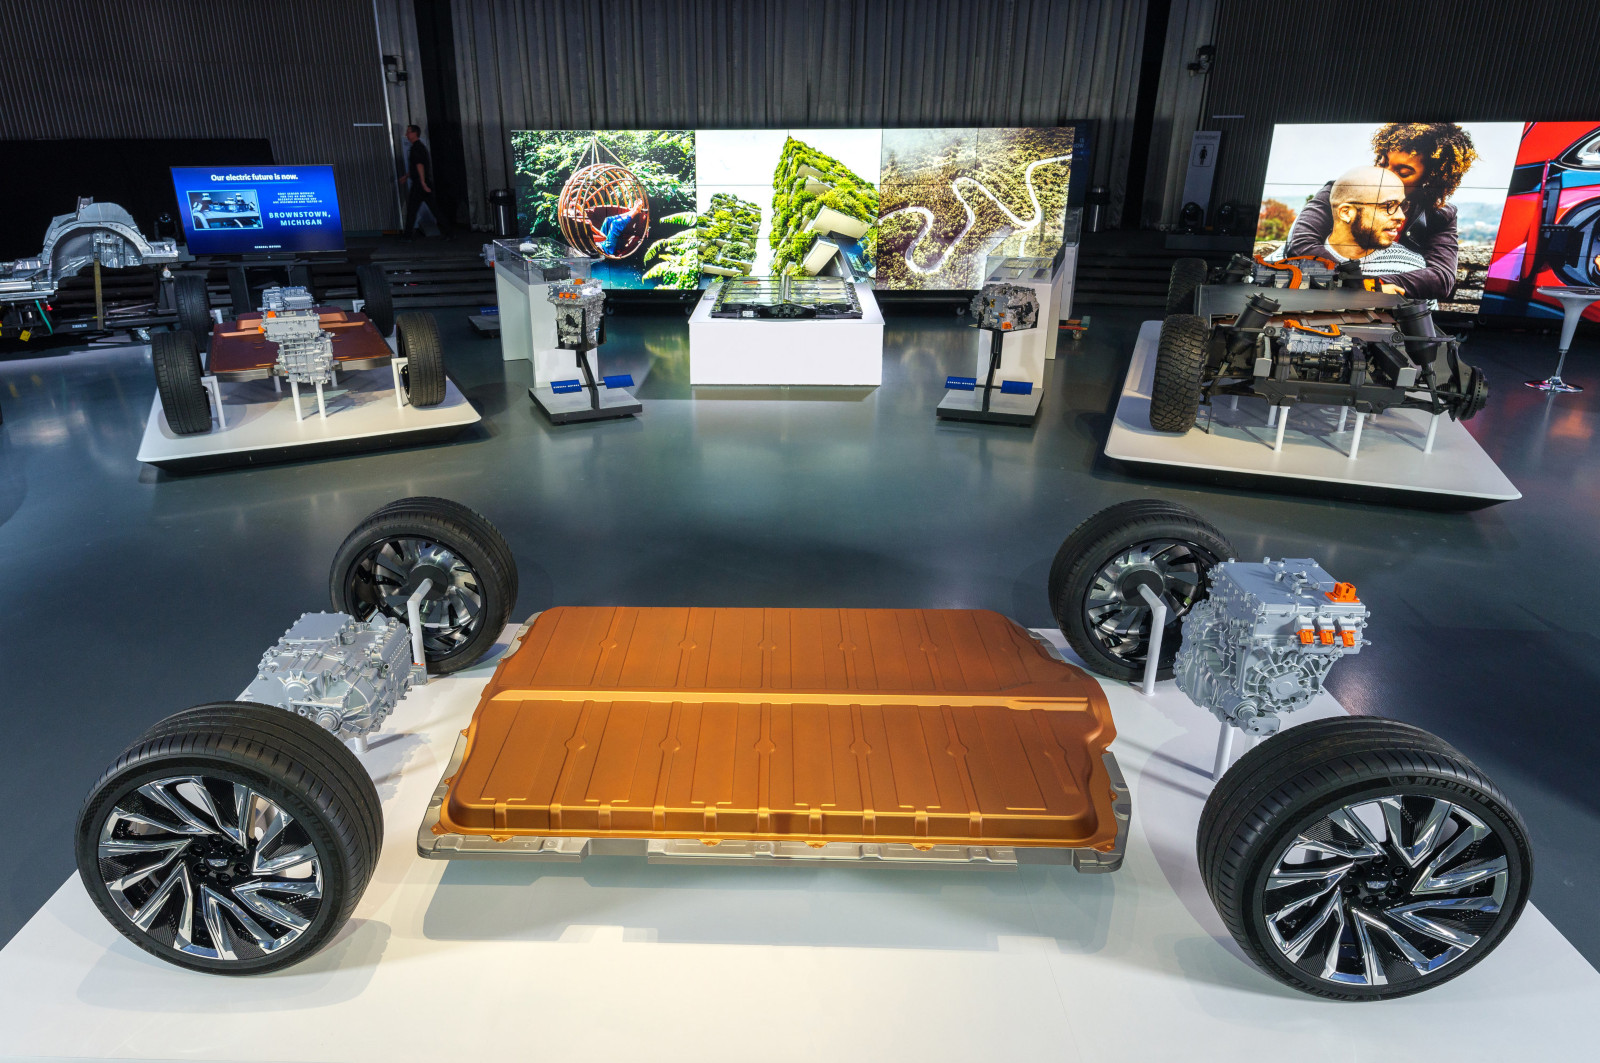 General Motors continúa estrategia encaminada a eléctricos y autónomos